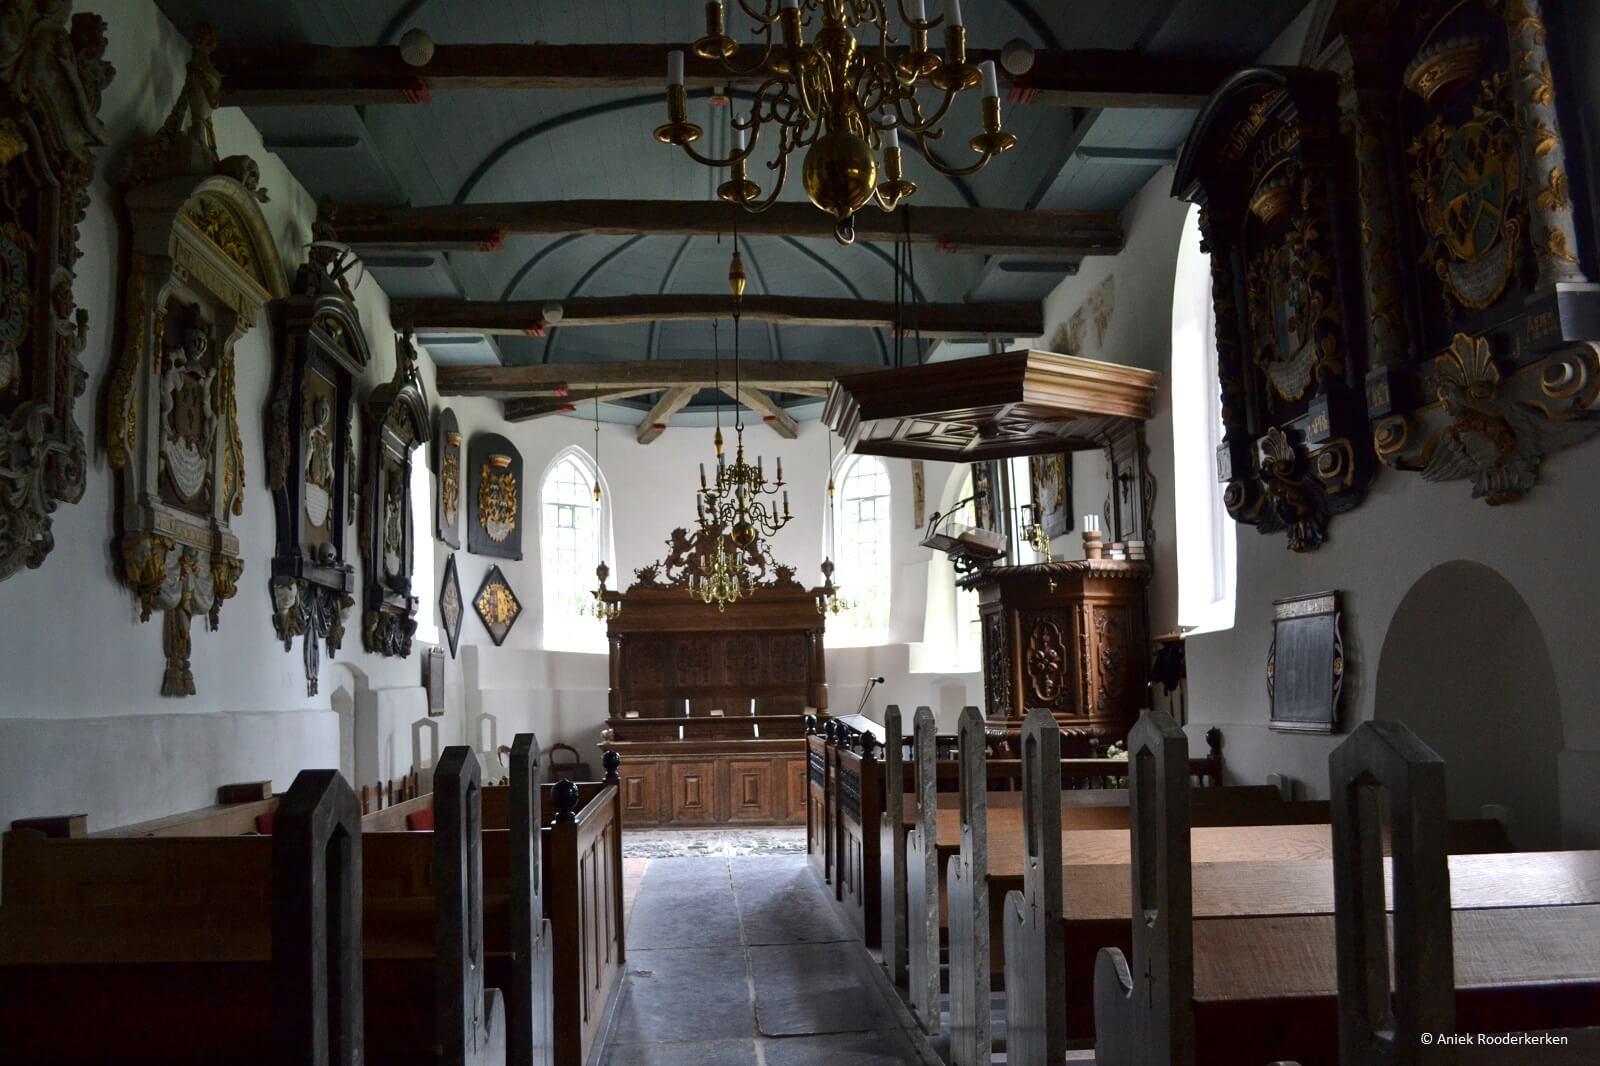 Terp Hegebeintum in Friesland